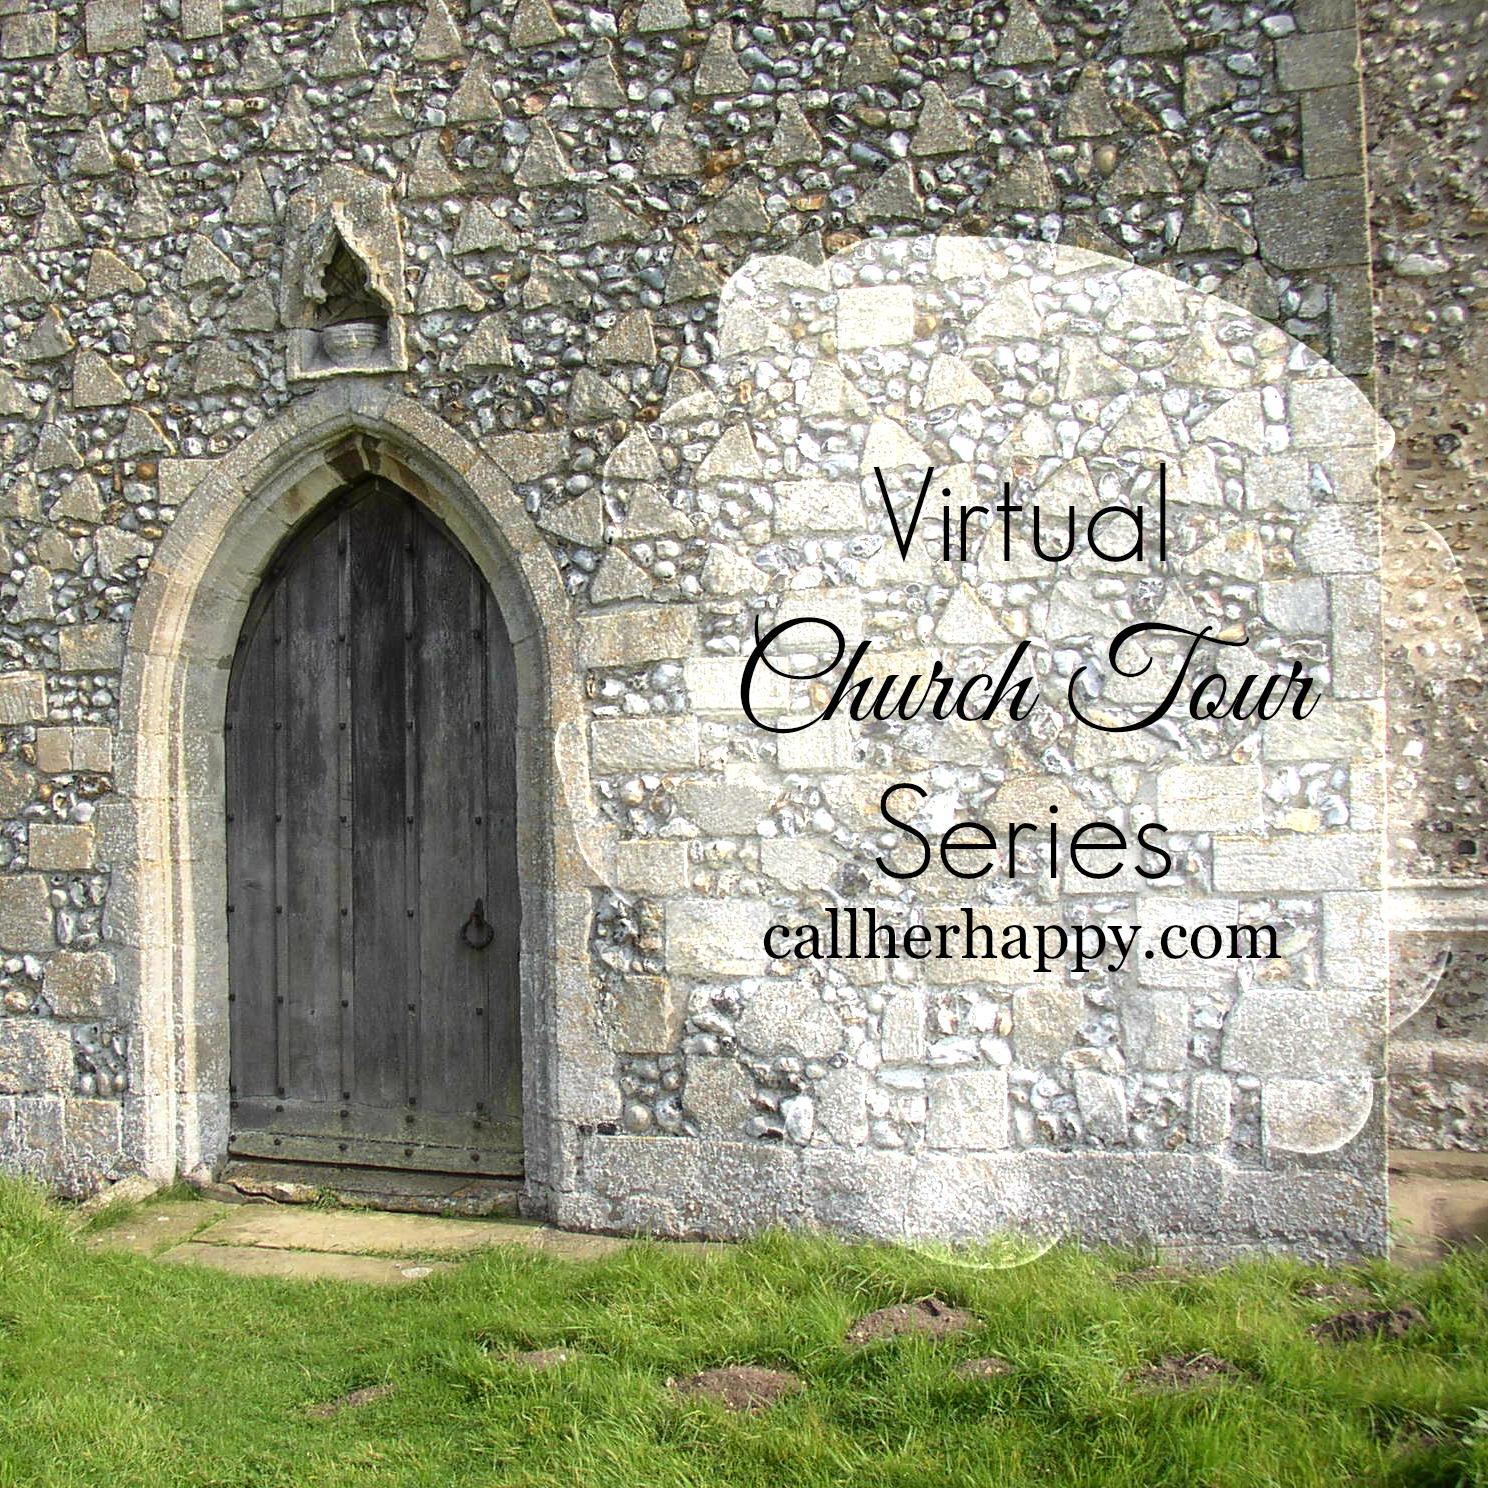 virtual church tour